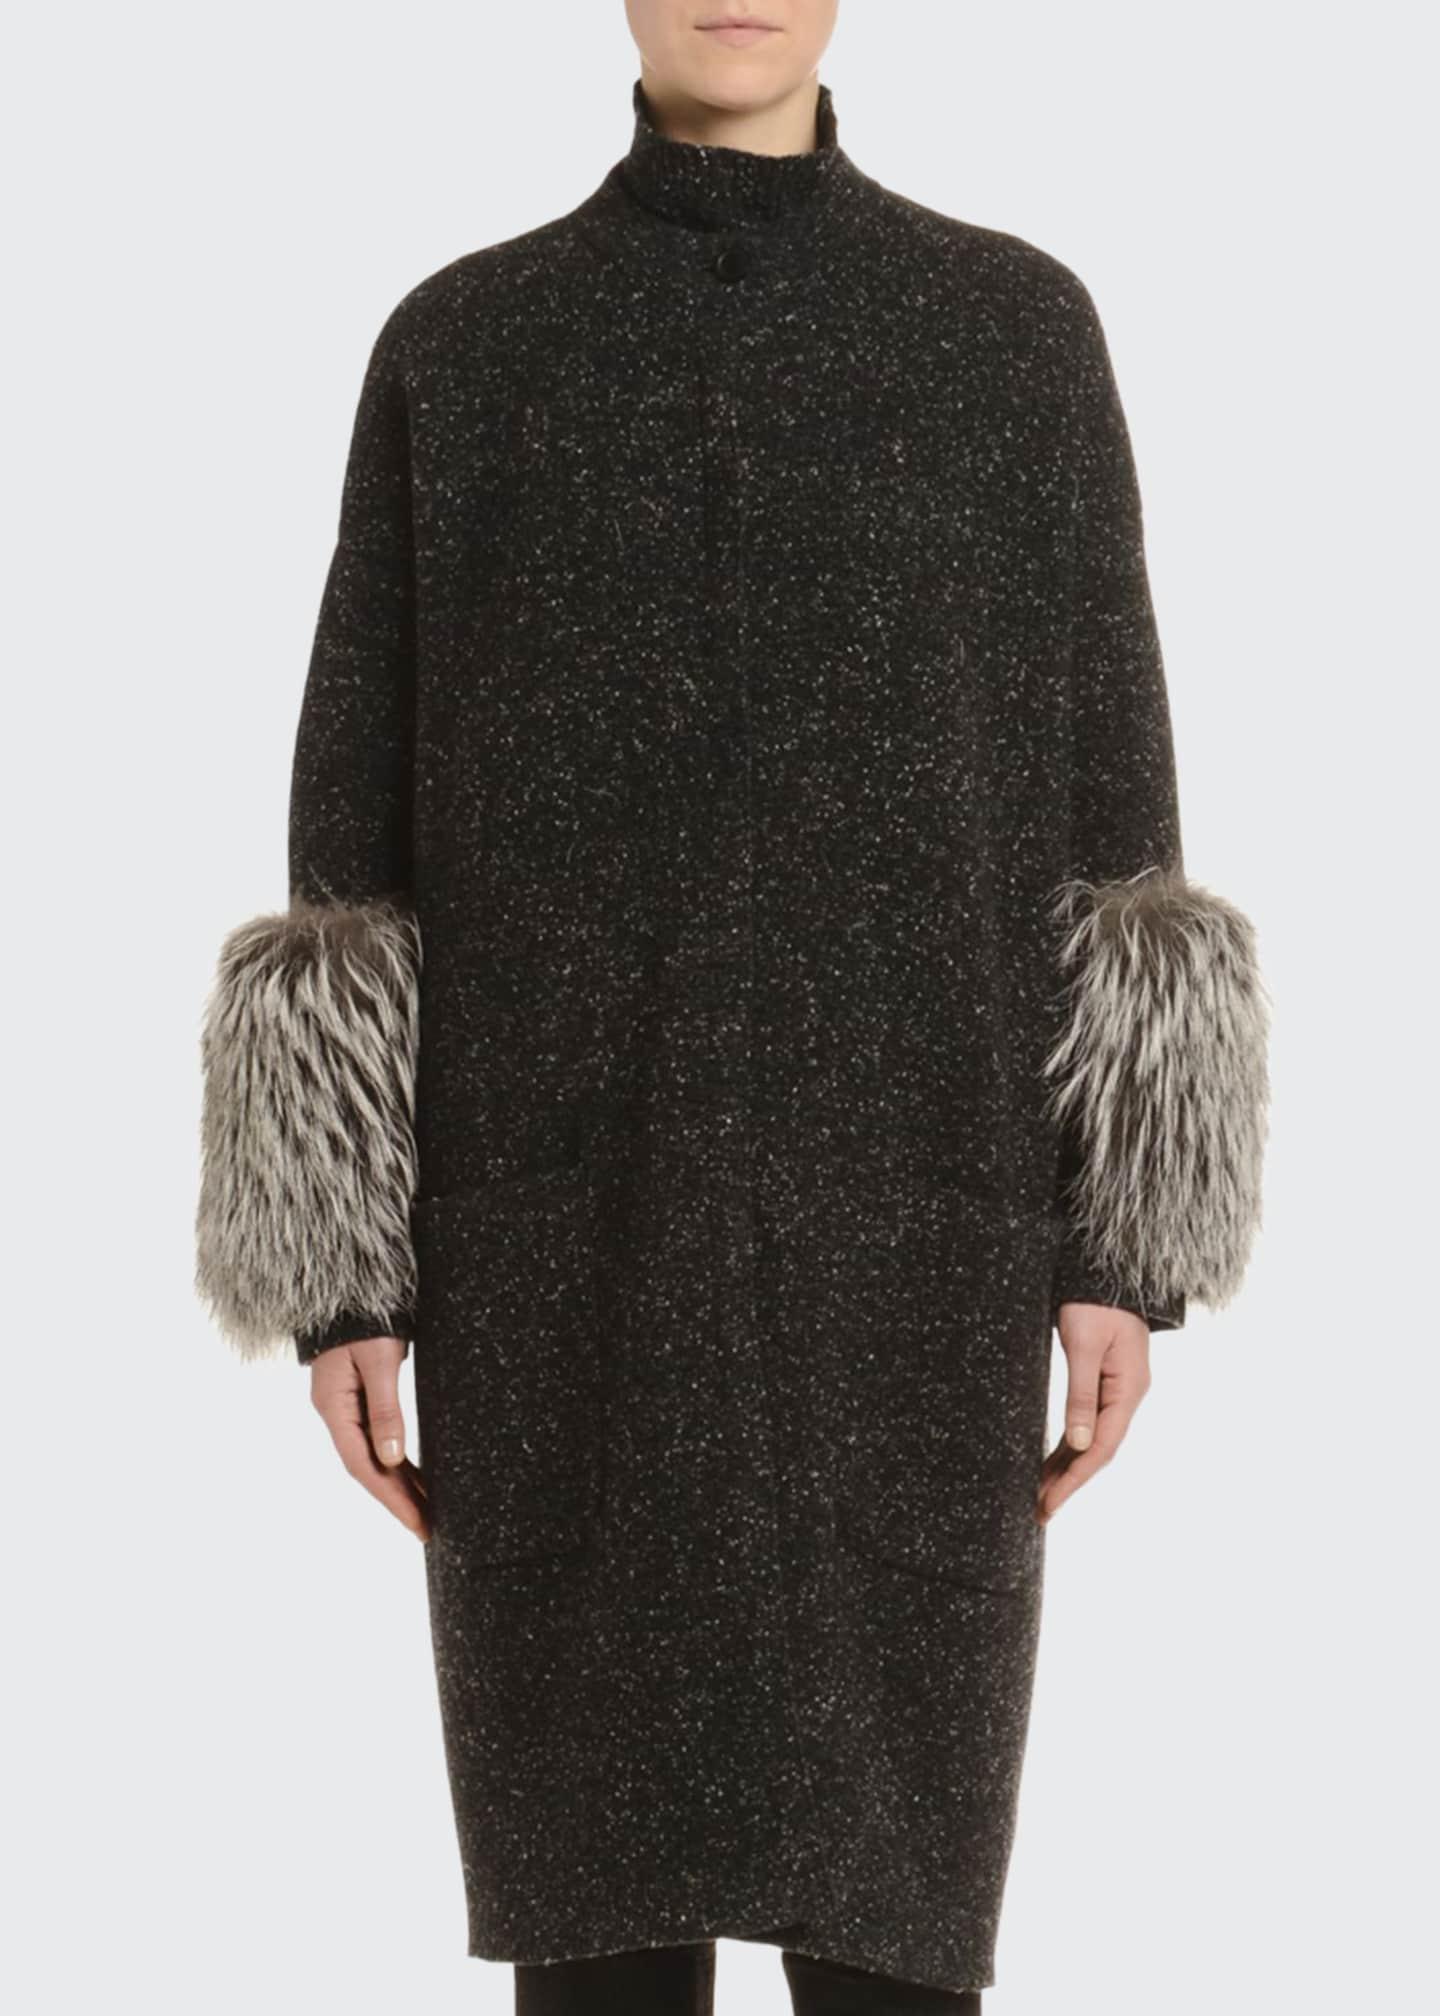 Agnona Cashmere Melange Tweed Fur-Cuff Coat